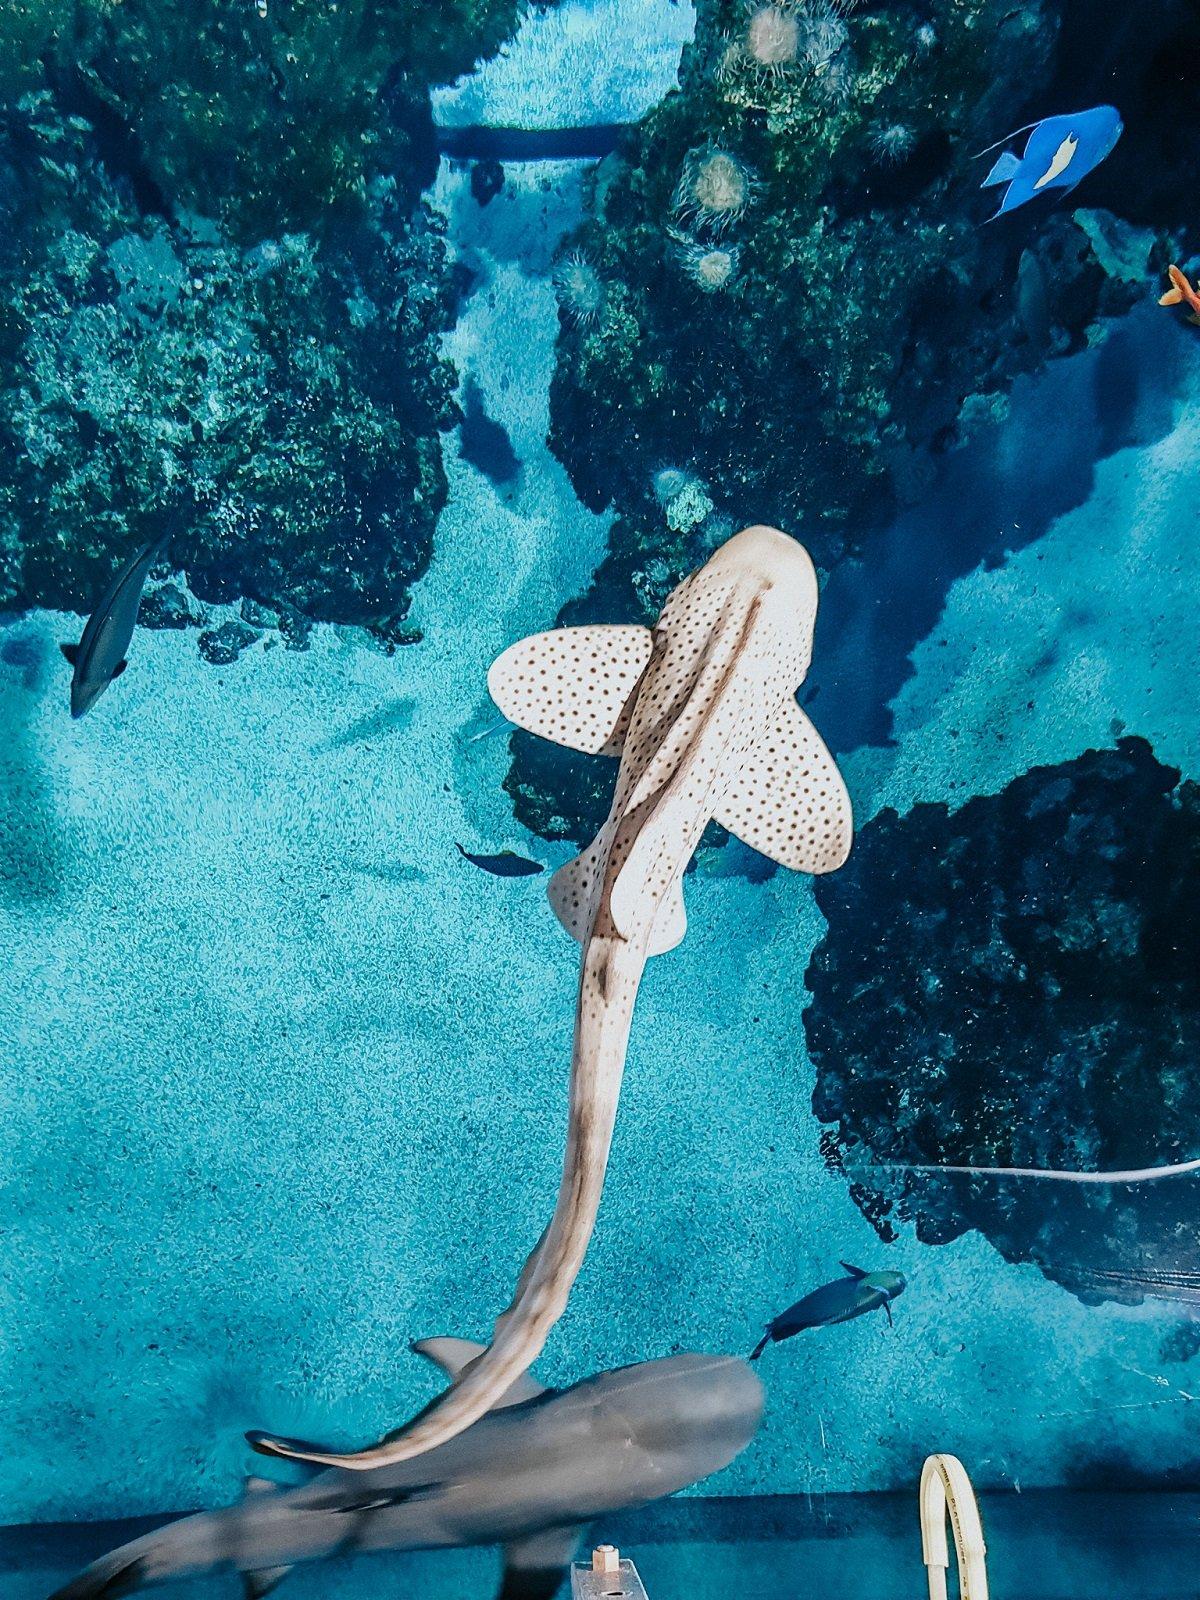 J'ai assisté au nourrissage des poissons du musée océanographique de Monaco